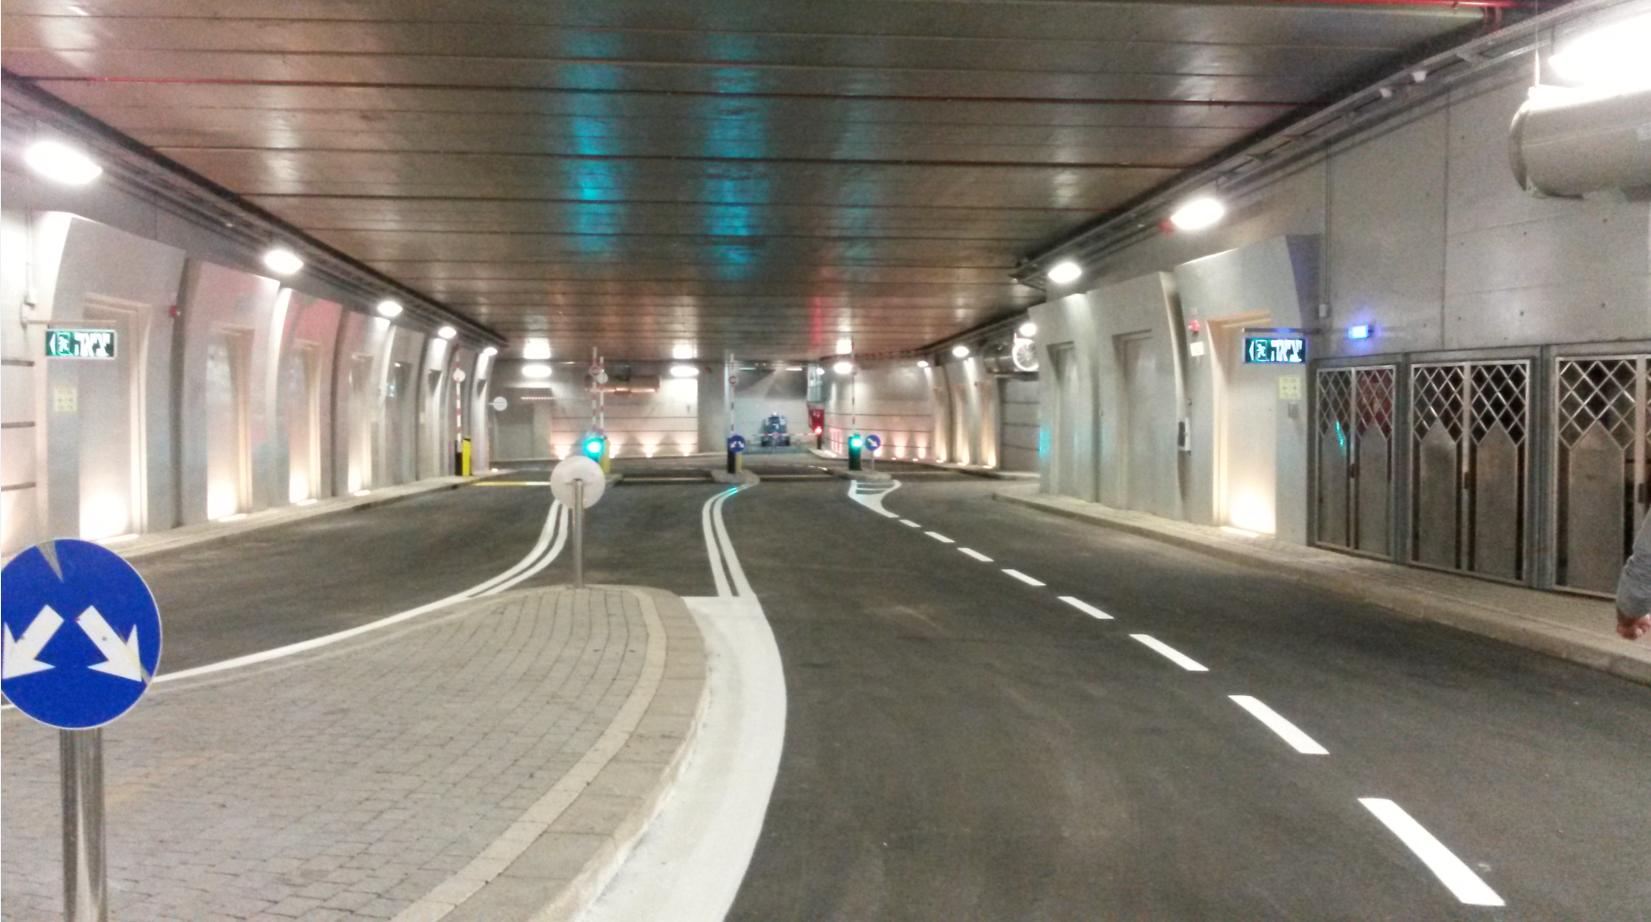 תמונה של המנהרה, קרדיט: רשות מקרקעי ישראל